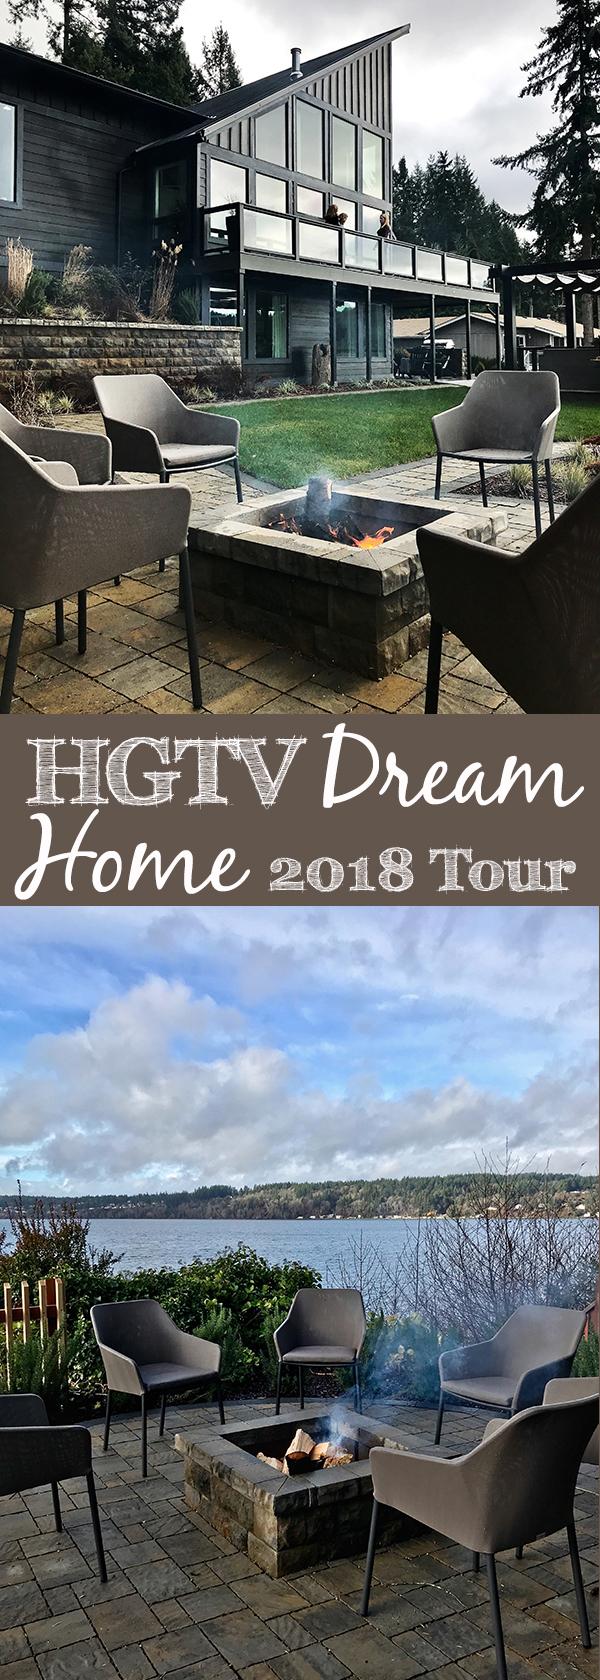 HGTV Dream Home 2018 Tour